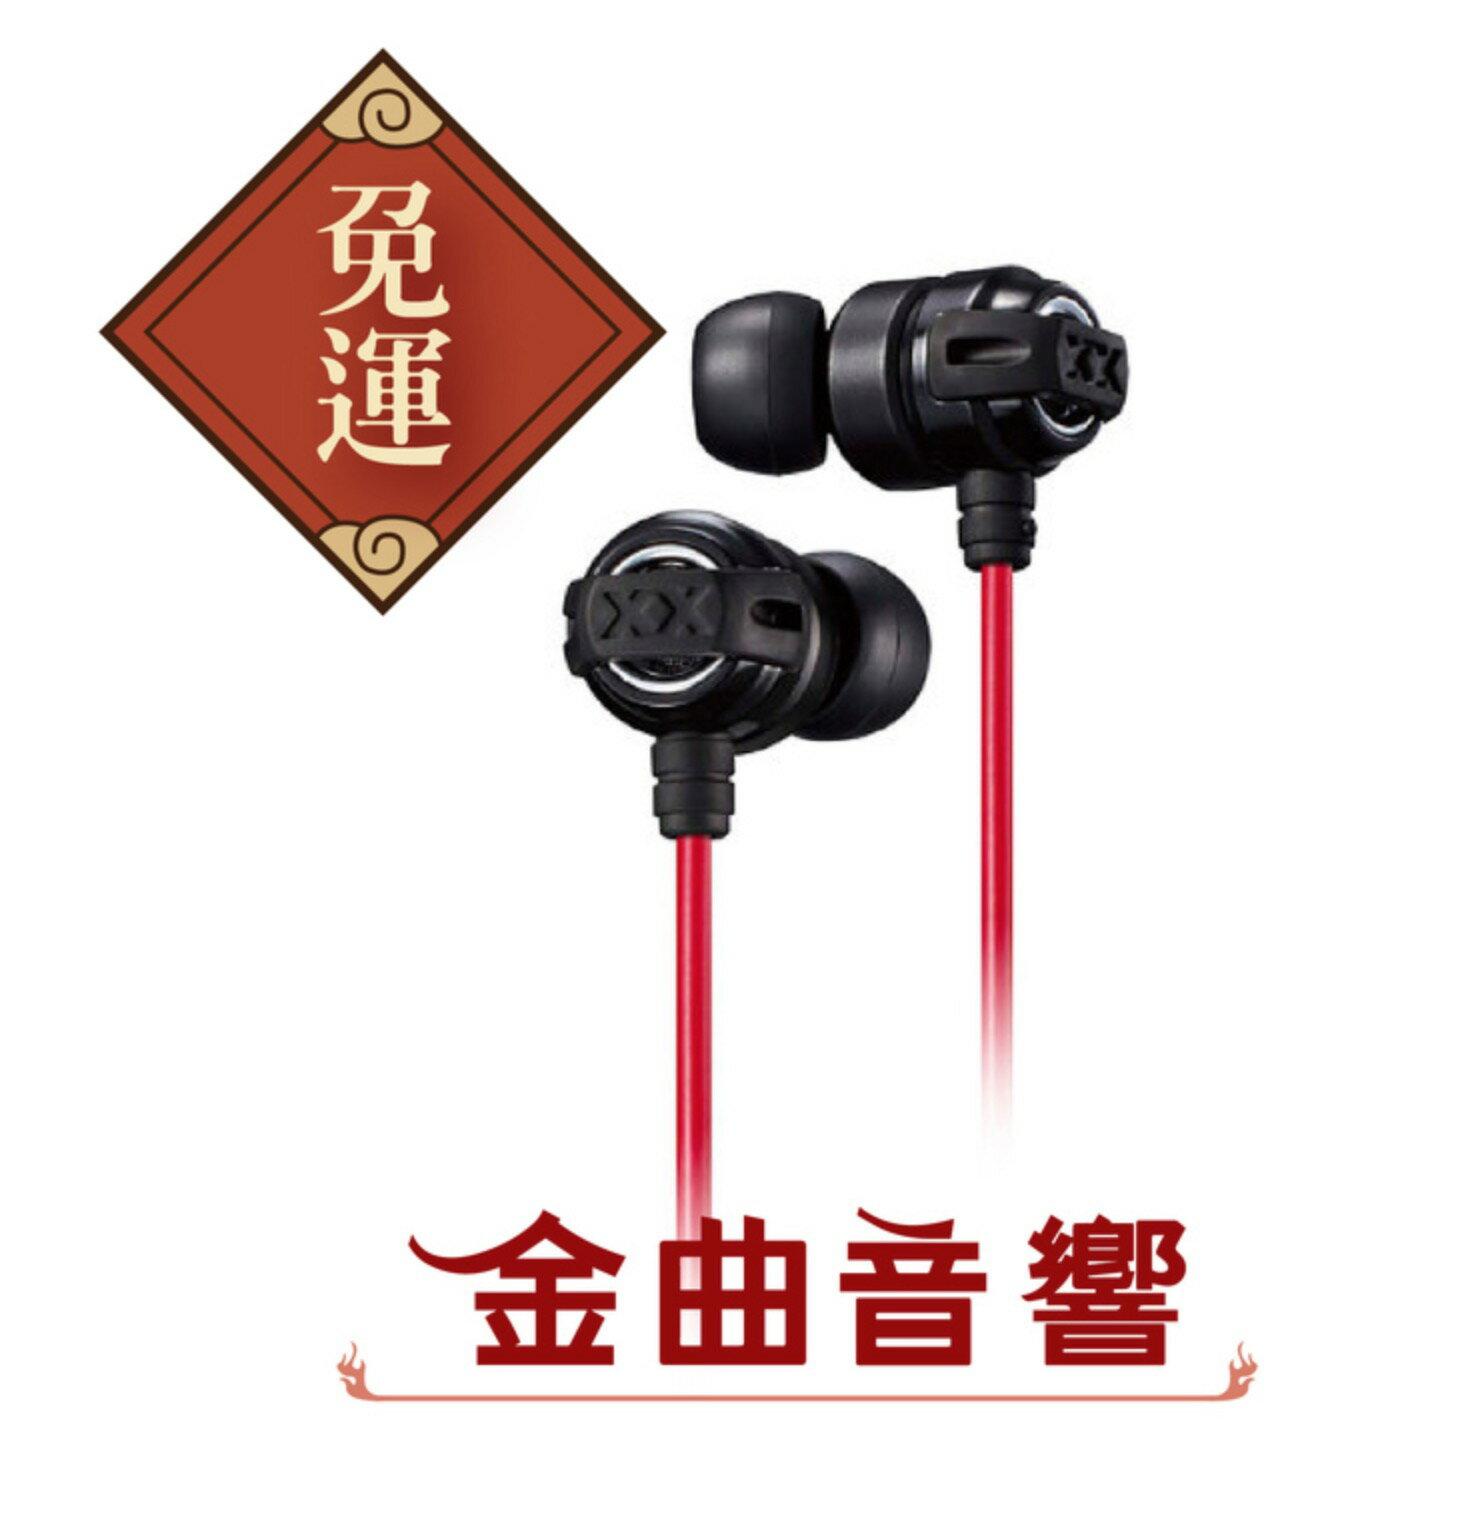 【金曲音響】JVC HA-FX11X 重低音耳道式耳機 公司貨保固一年 多色可選 FX1X後繼款